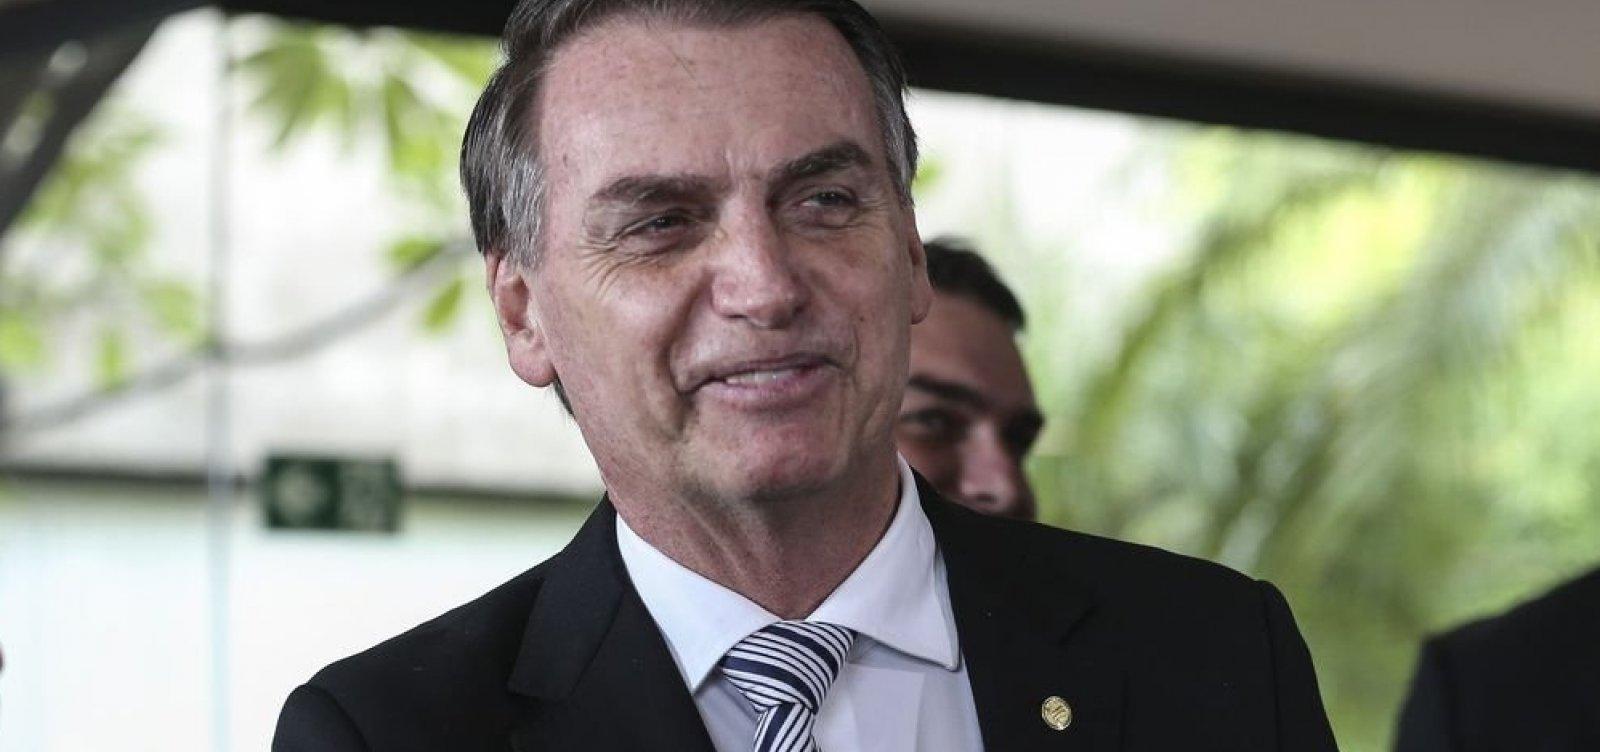 [Futuro ministro do Meio Ambiente deverá facilitar a vida dos produtores agrícolas, diz Bolsonaro]